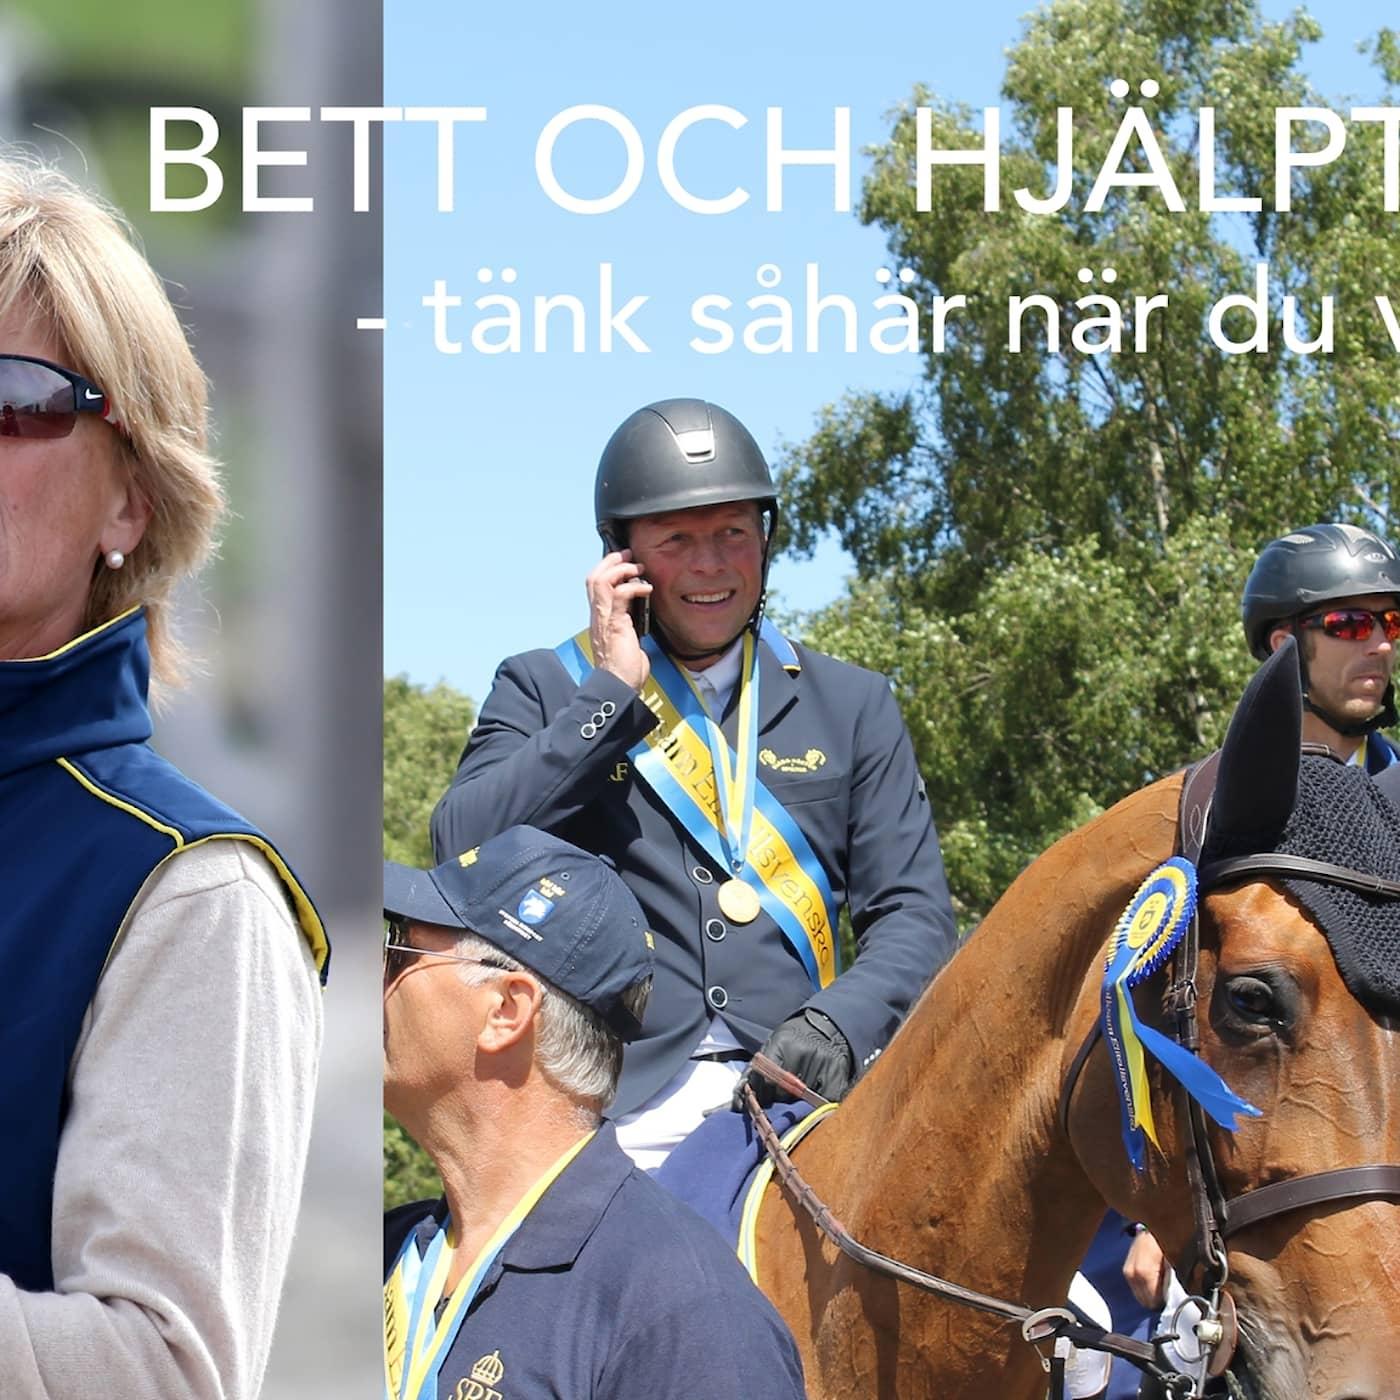 Bett och hjälptyglar - med Jens Fredricson och Elisabet Lundholm af0f19ab81a49